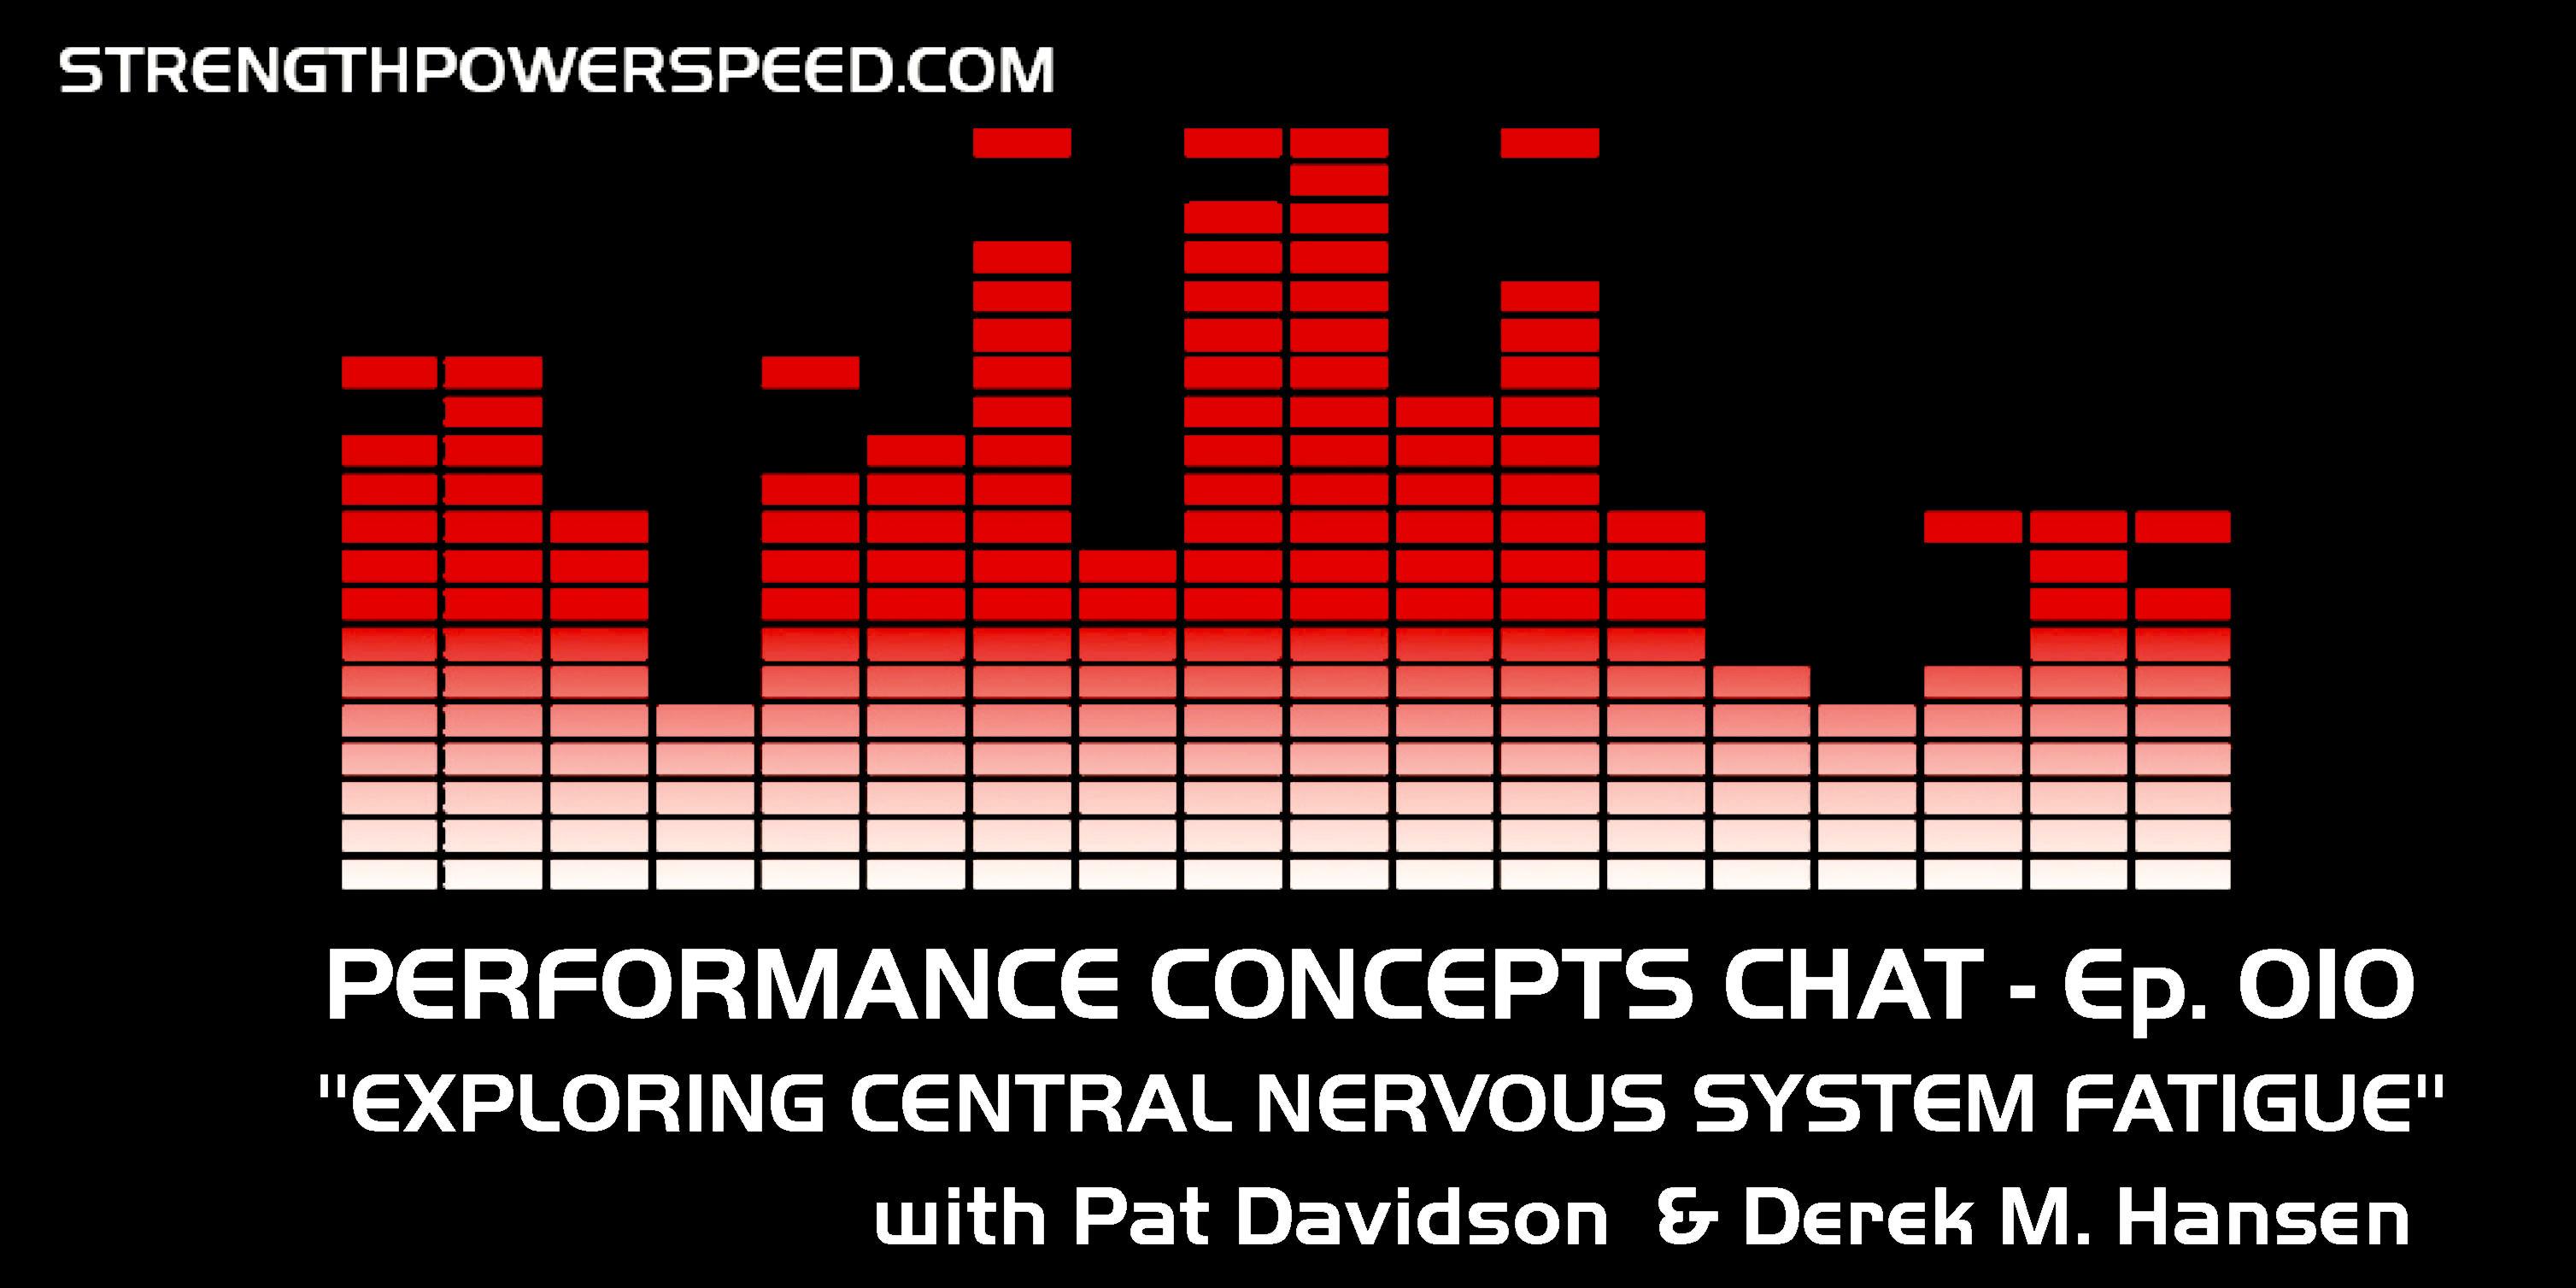 Performance Concepts Chat - Episode 010 - Pat Davidson: Exploring